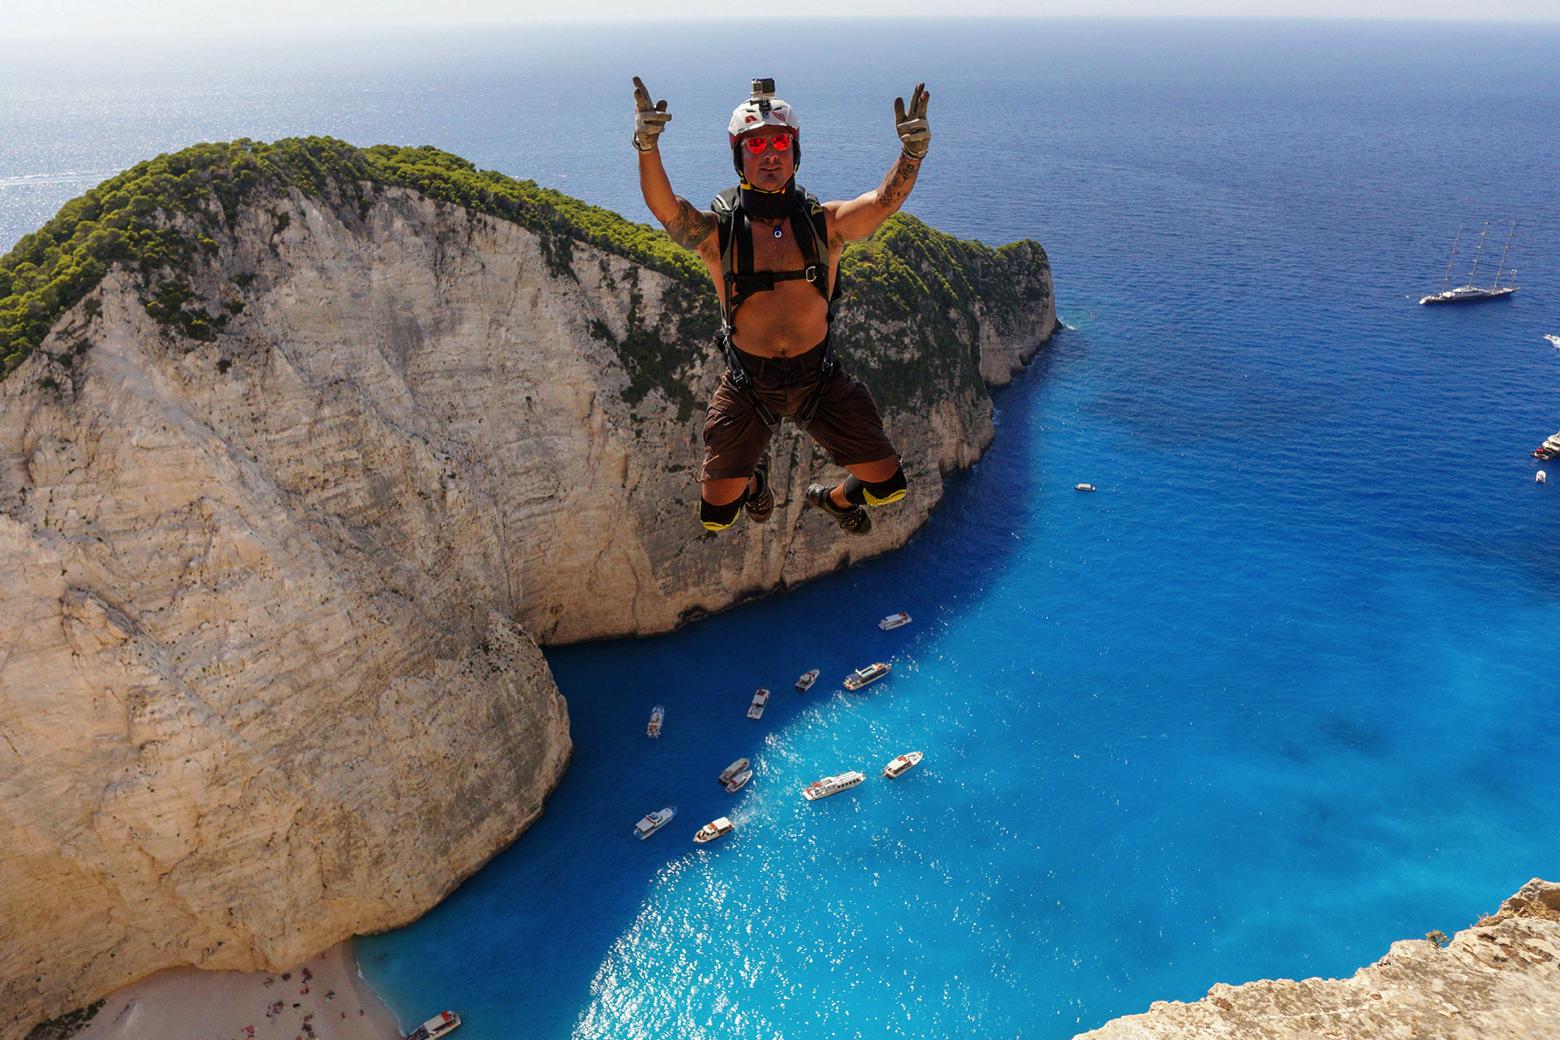 Ein Basejumper ist im freien Fall über der blauen Bucht von Zakynthos.